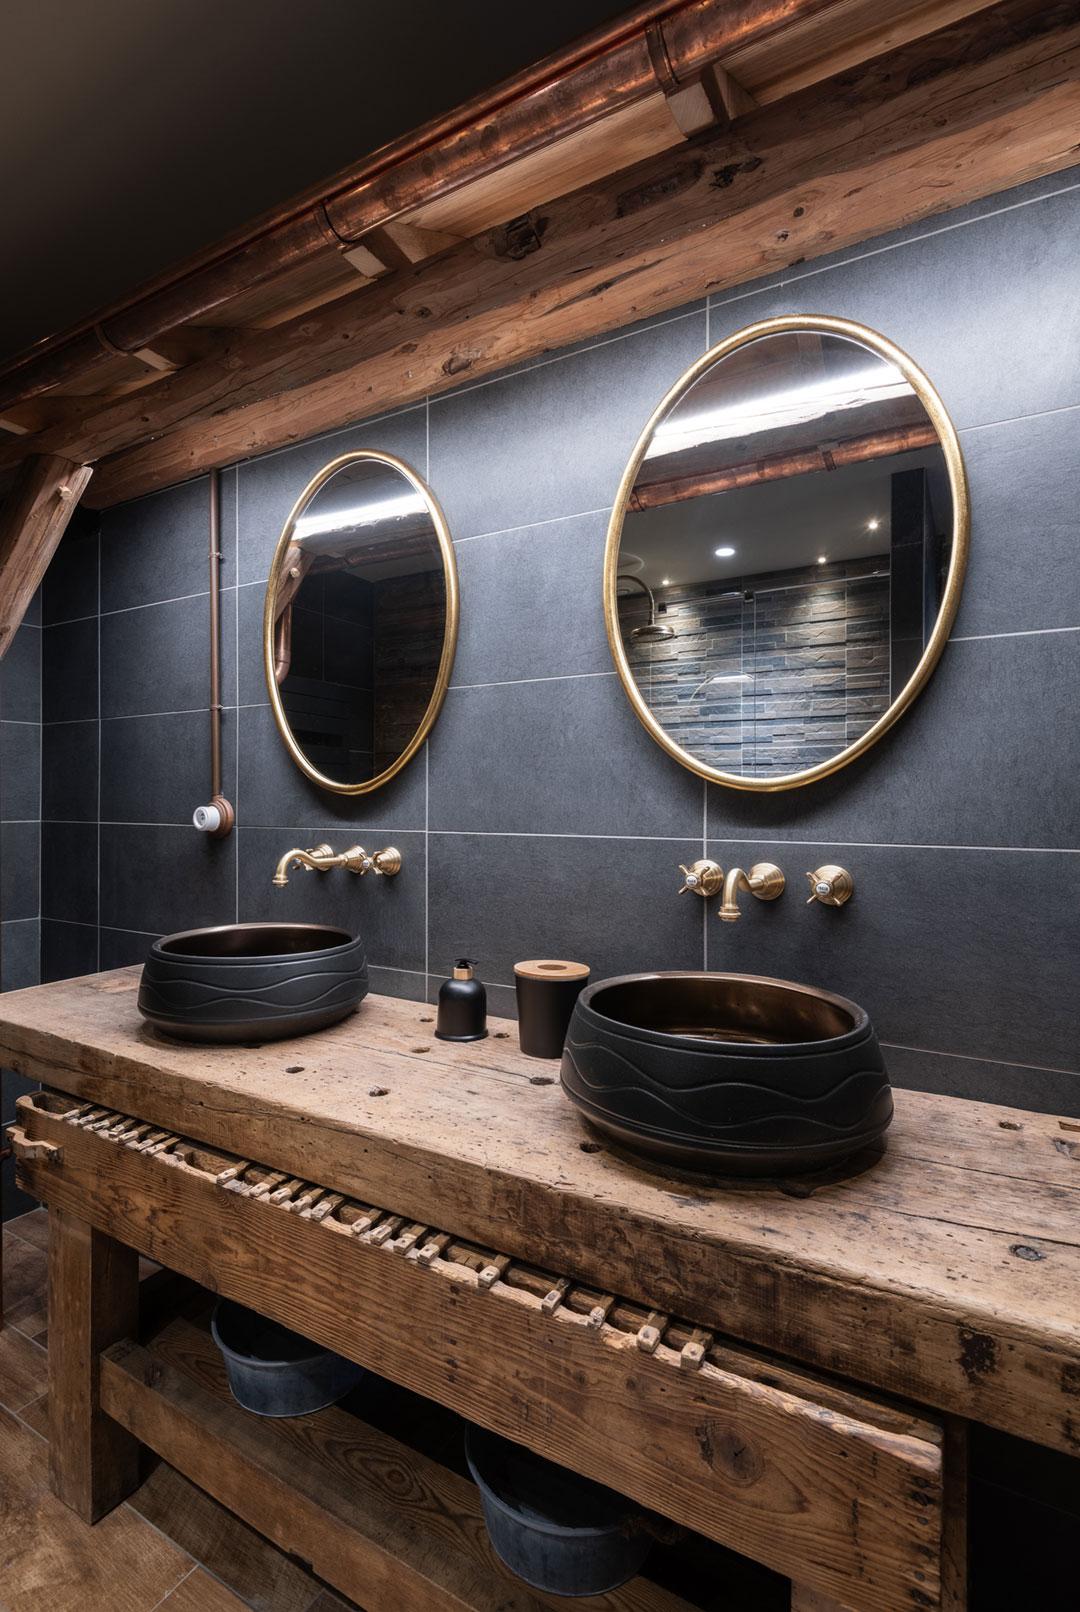 salle de bain industrielle béton gris bois brut laiton